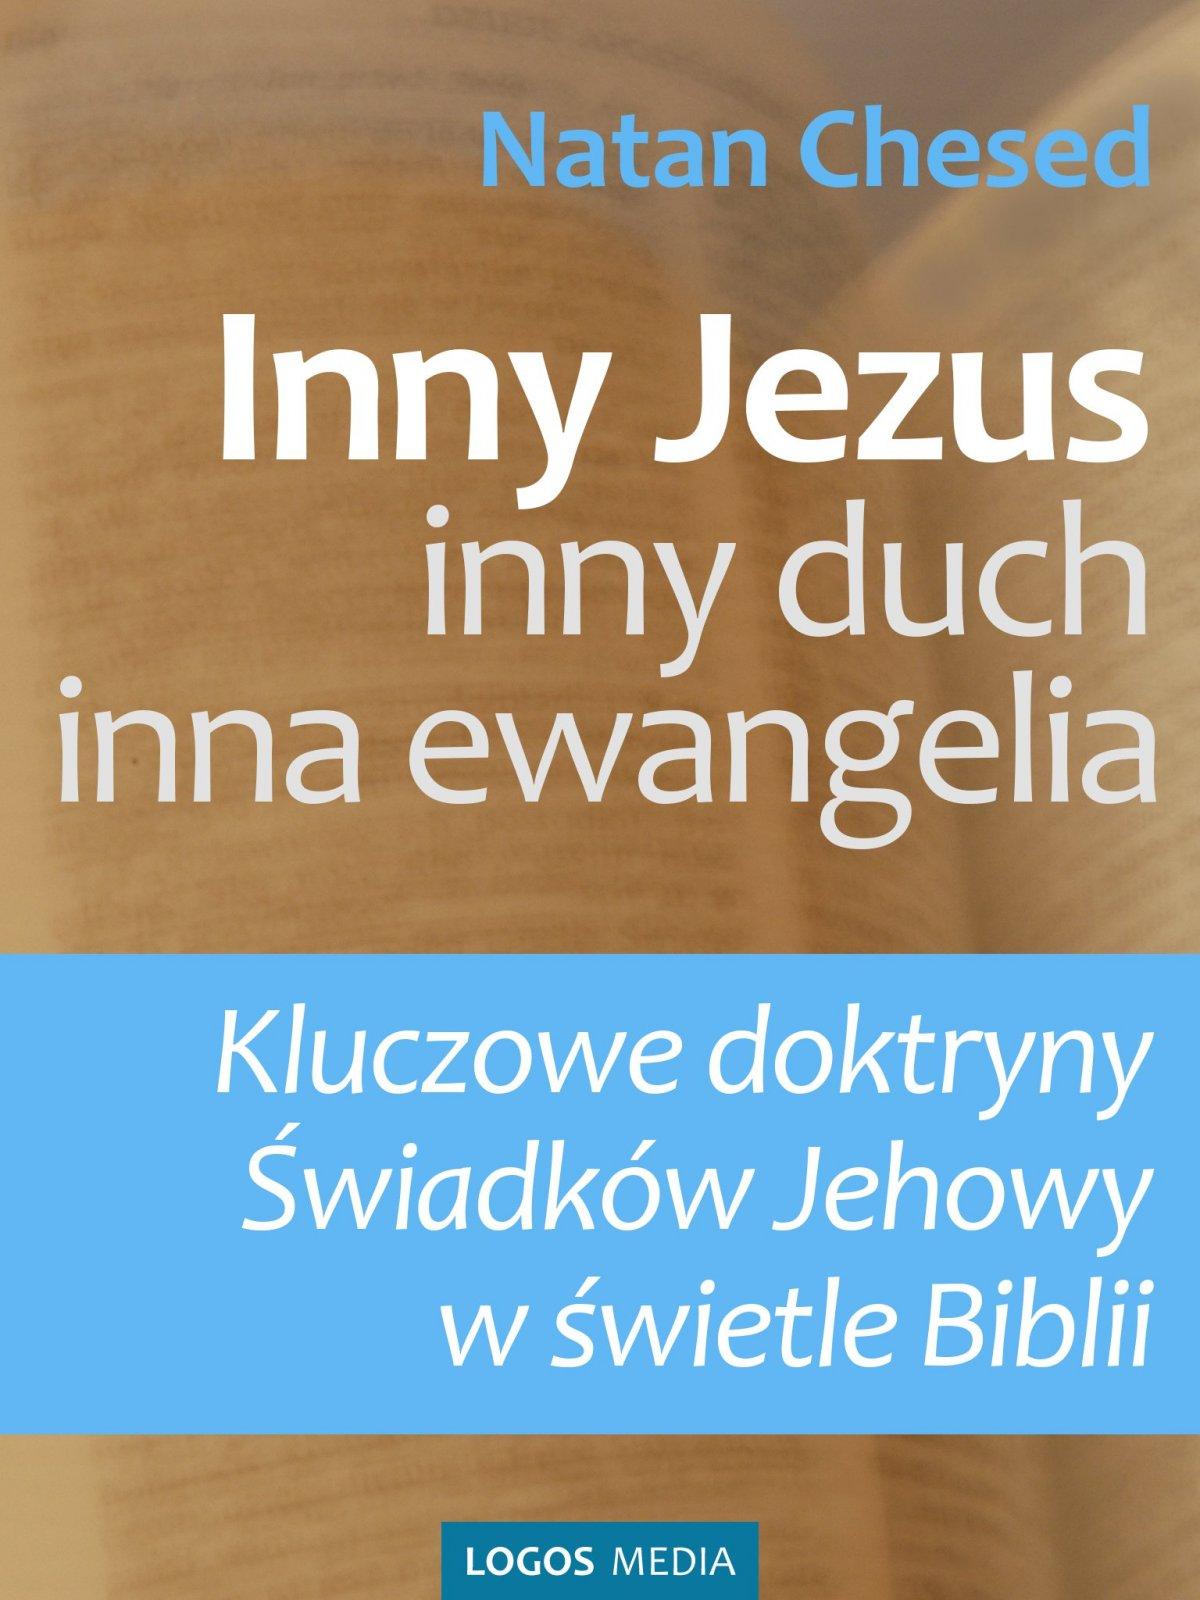 Inny Jezus, inny duch, inna ewangelia. Kluczowe doktryny Świadków Jehowy w świetle Biblii - Ebook (Książka EPUB) do pobrania w formacie EPUB